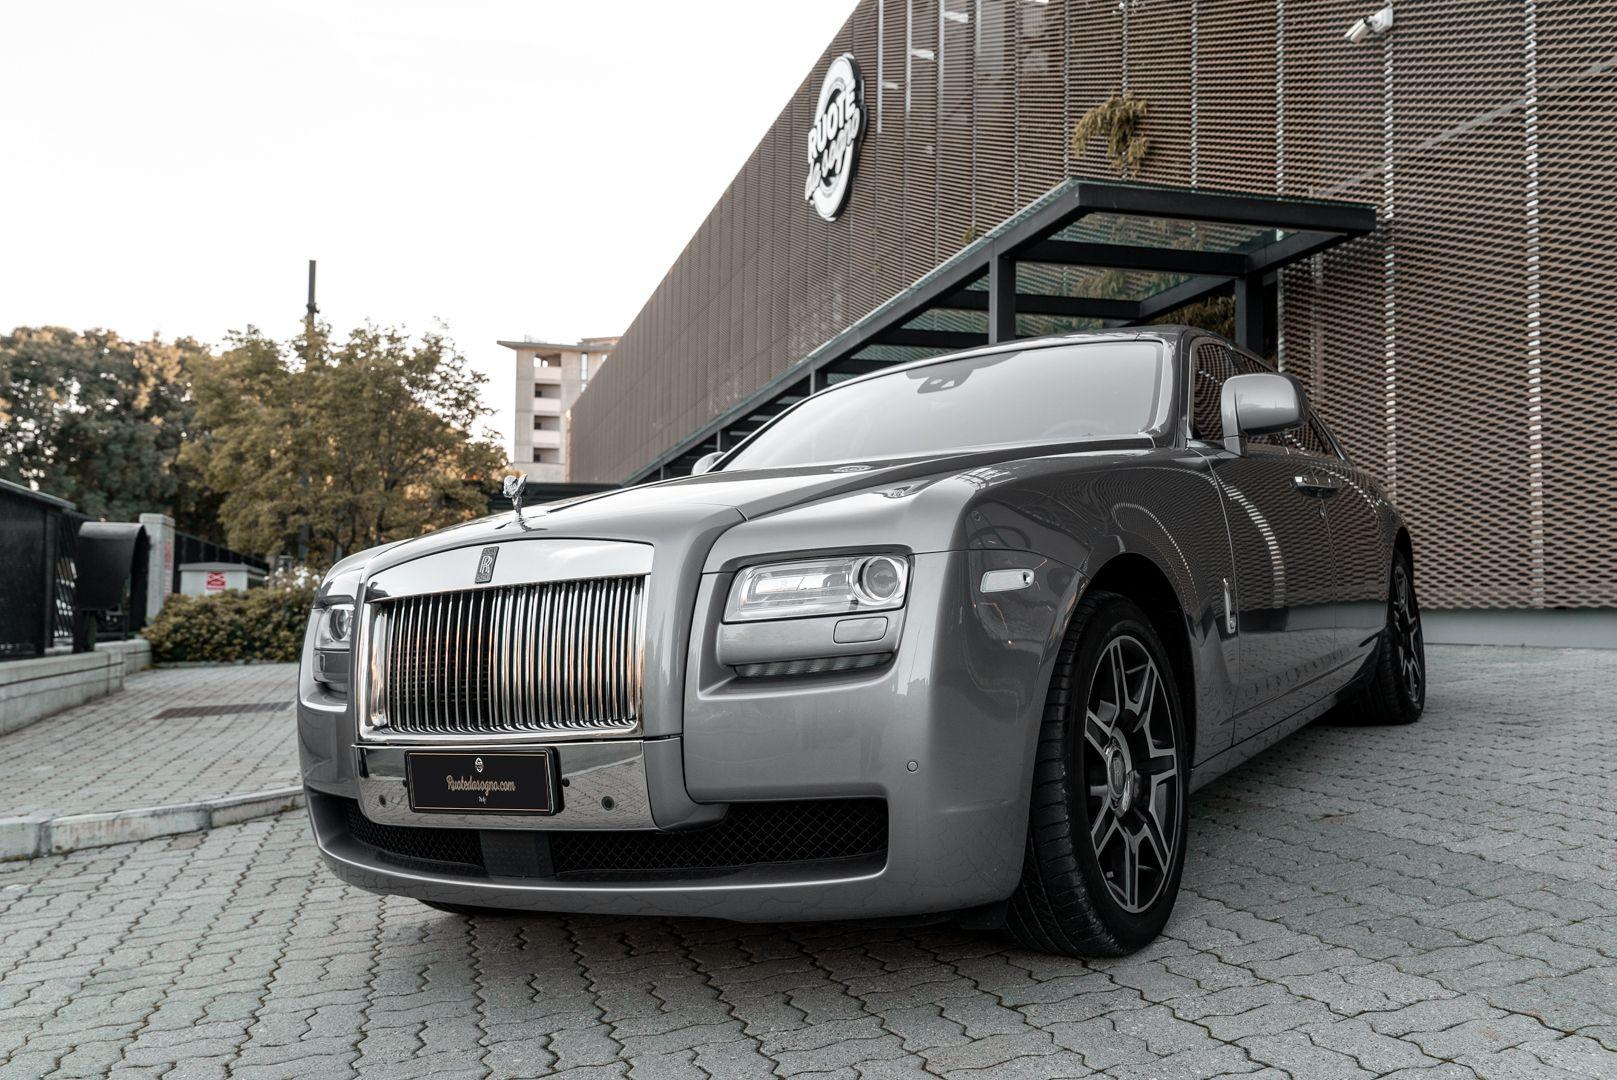 2011 Rolls Royce Ghost 85205